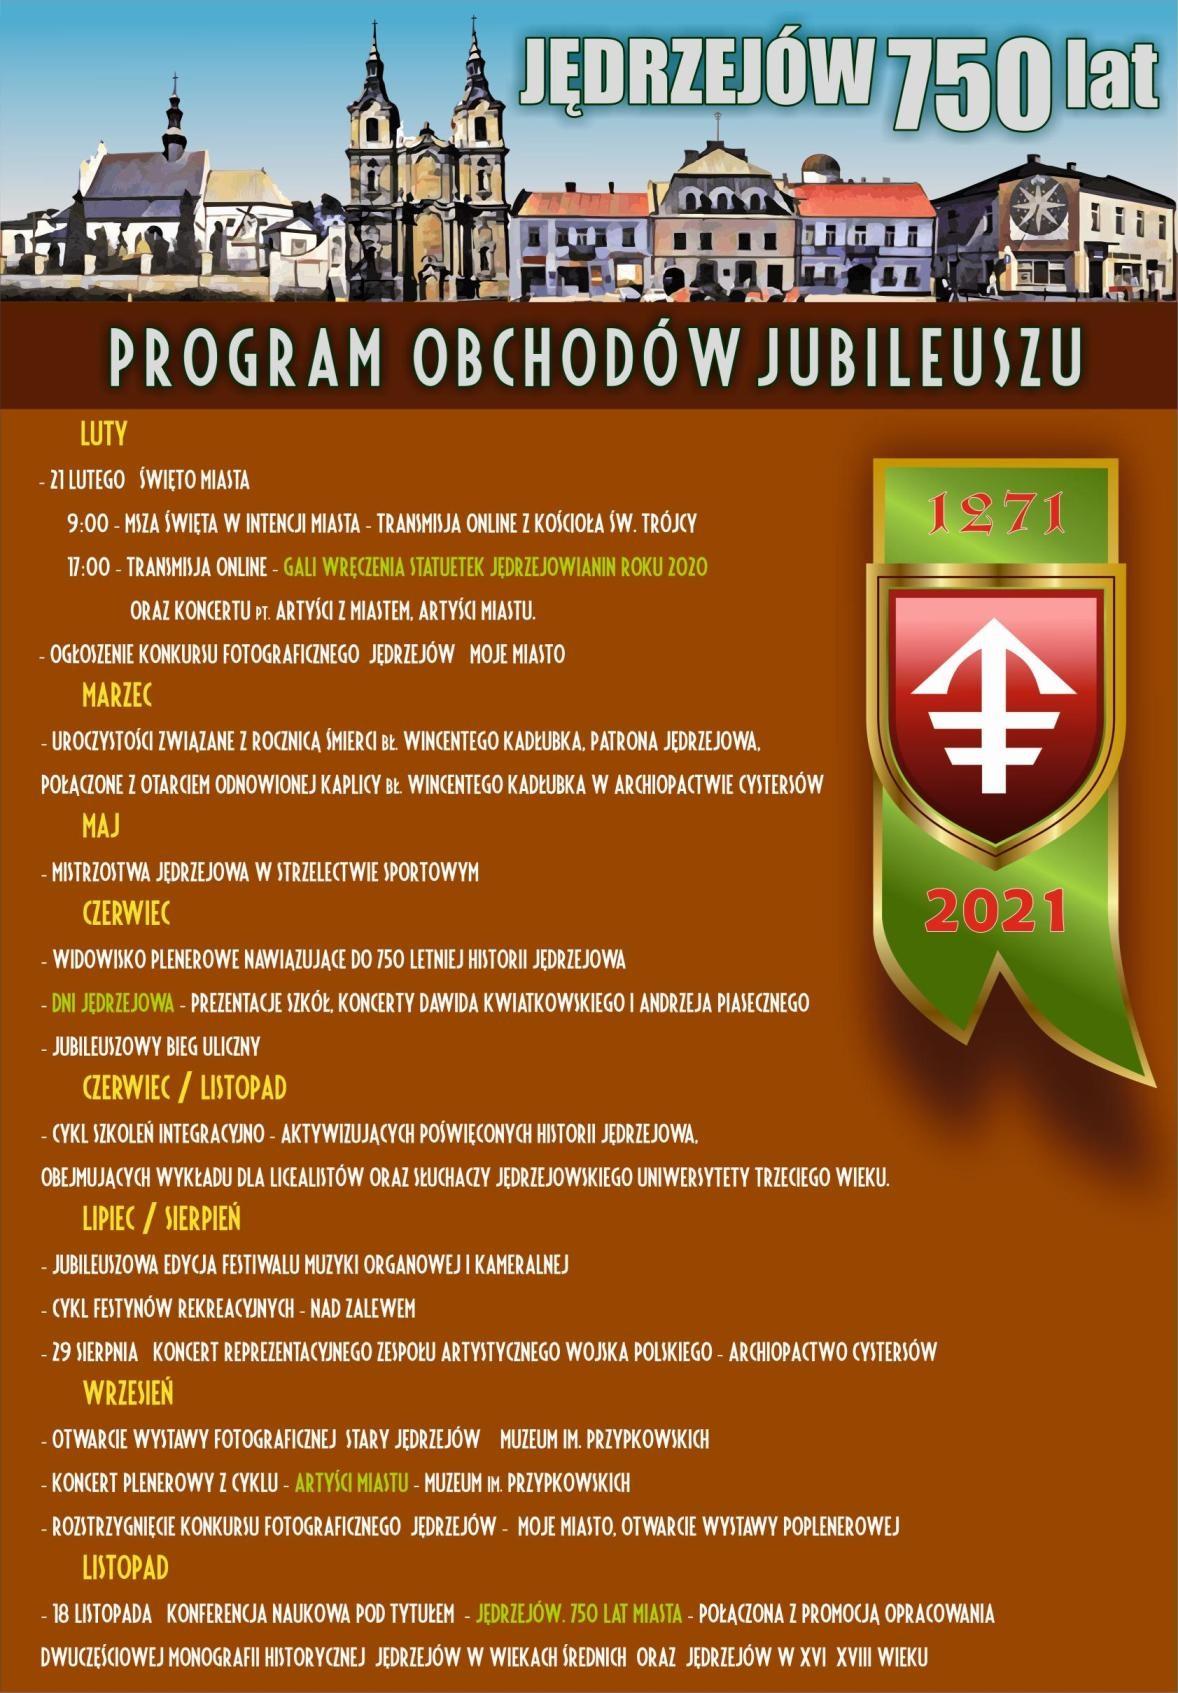 750 rocznica nadania praw miejskich Jędrzejowowi. Program obchodów jubileuszu.